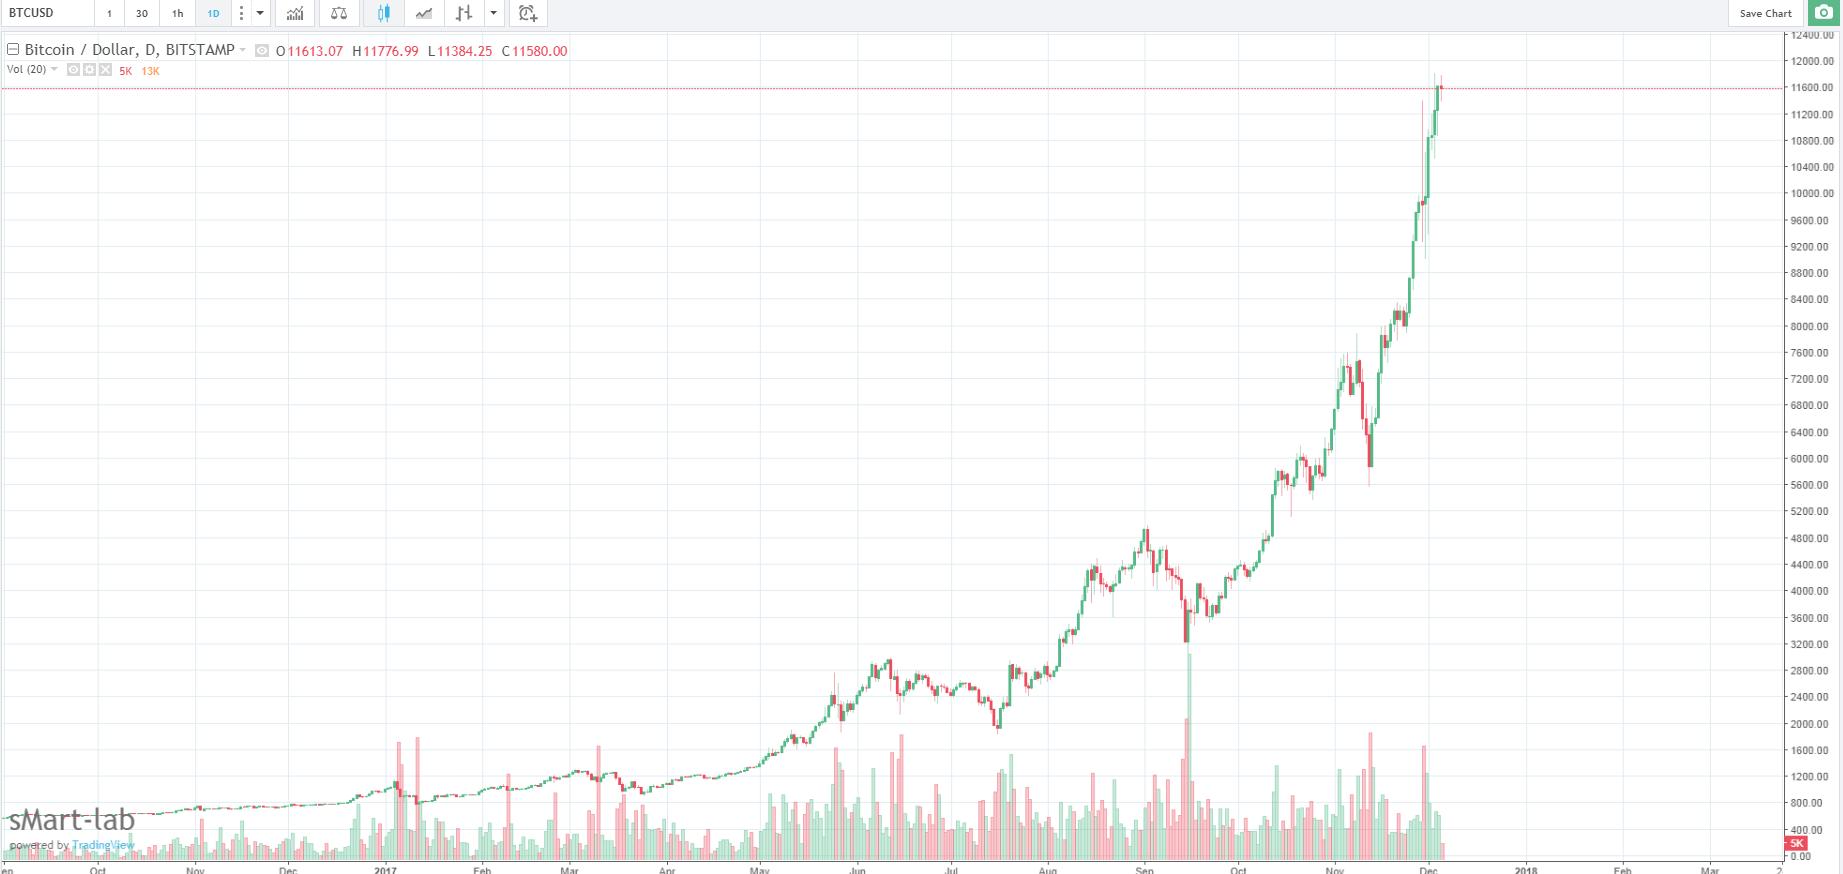 Технический анализ курса биткоин